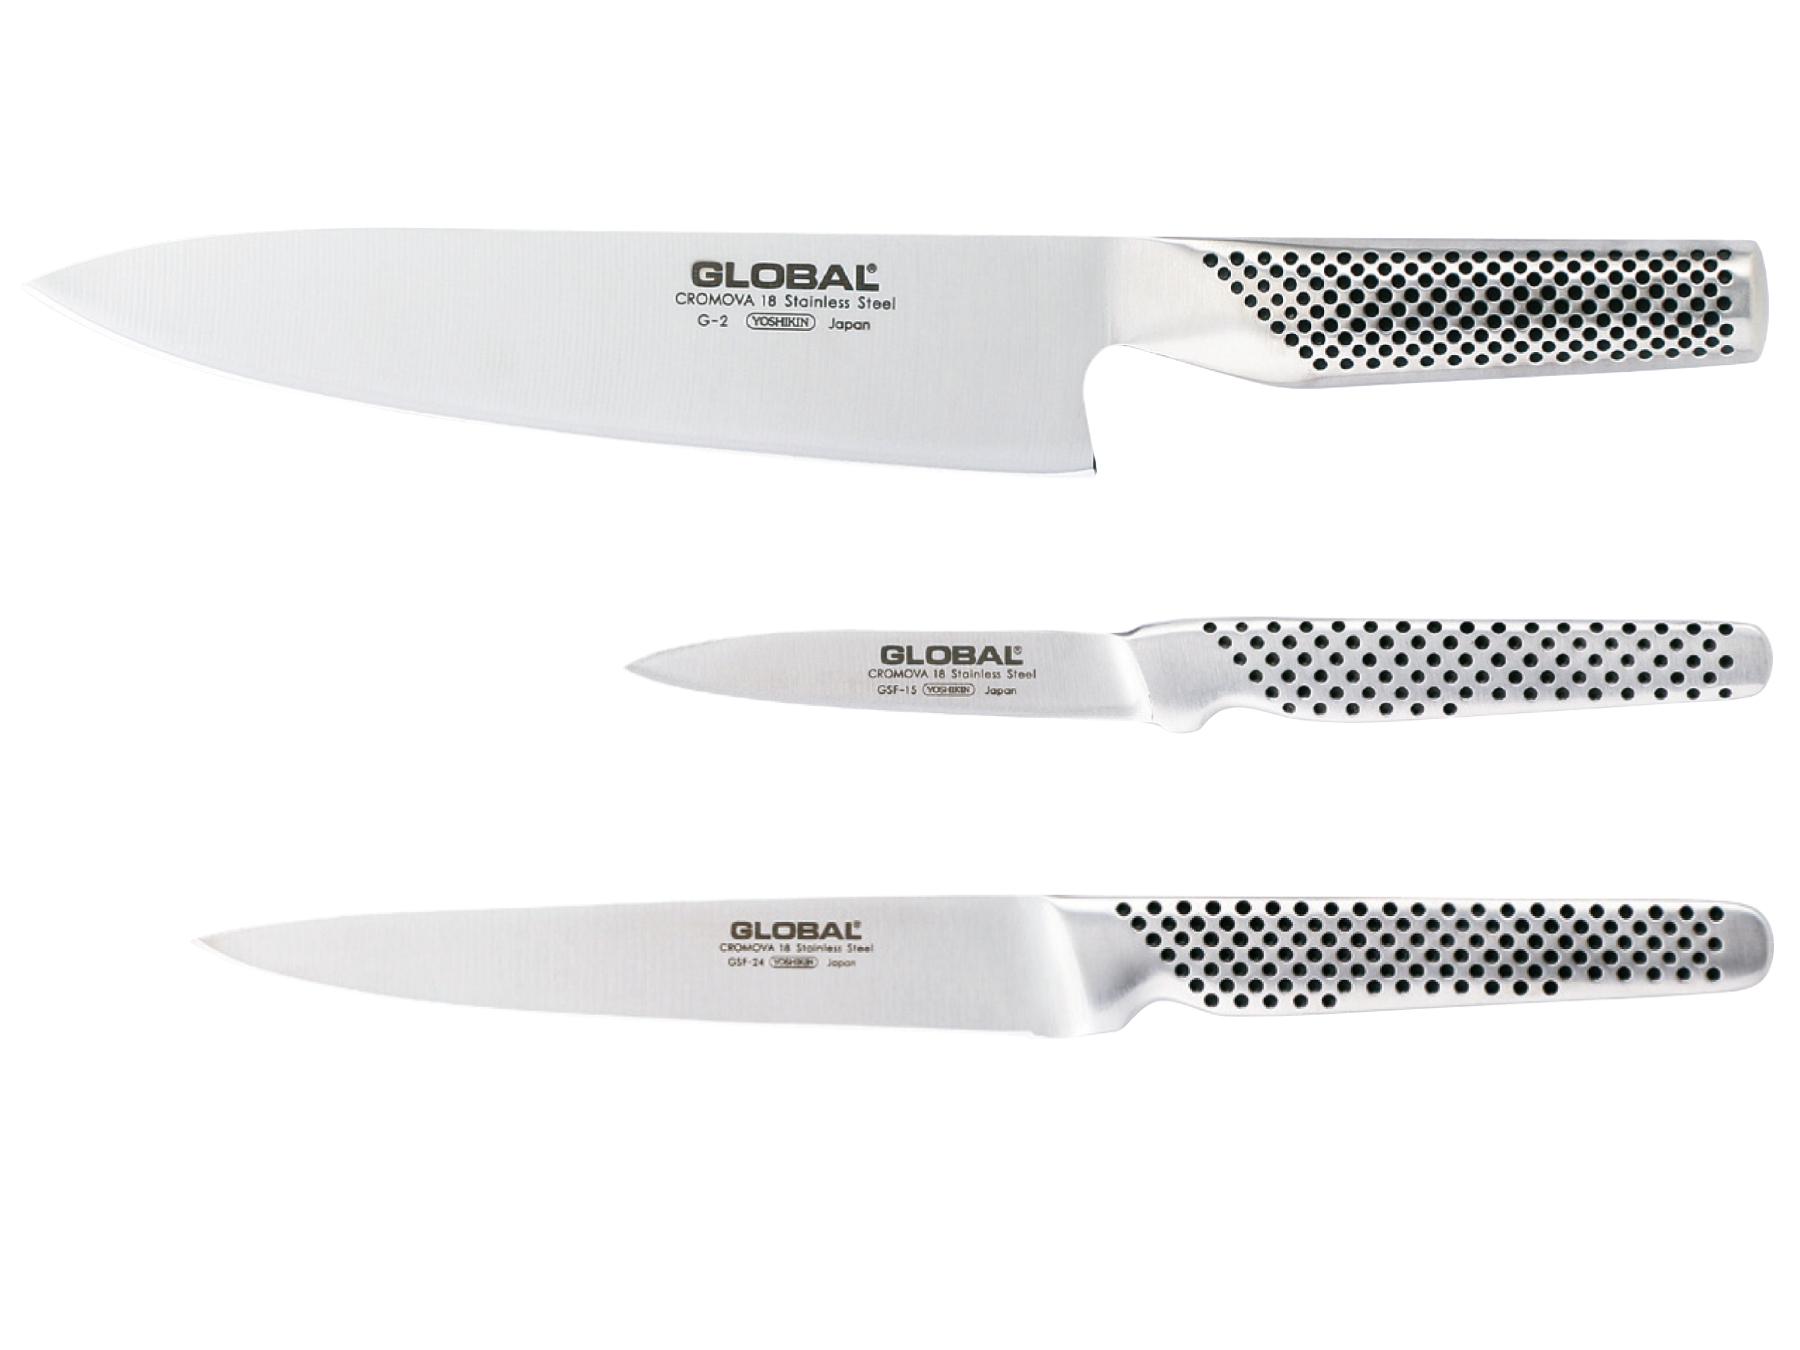 Global G-21524 Messerset 3 teilig, G-2, GF-15 und GSF-24